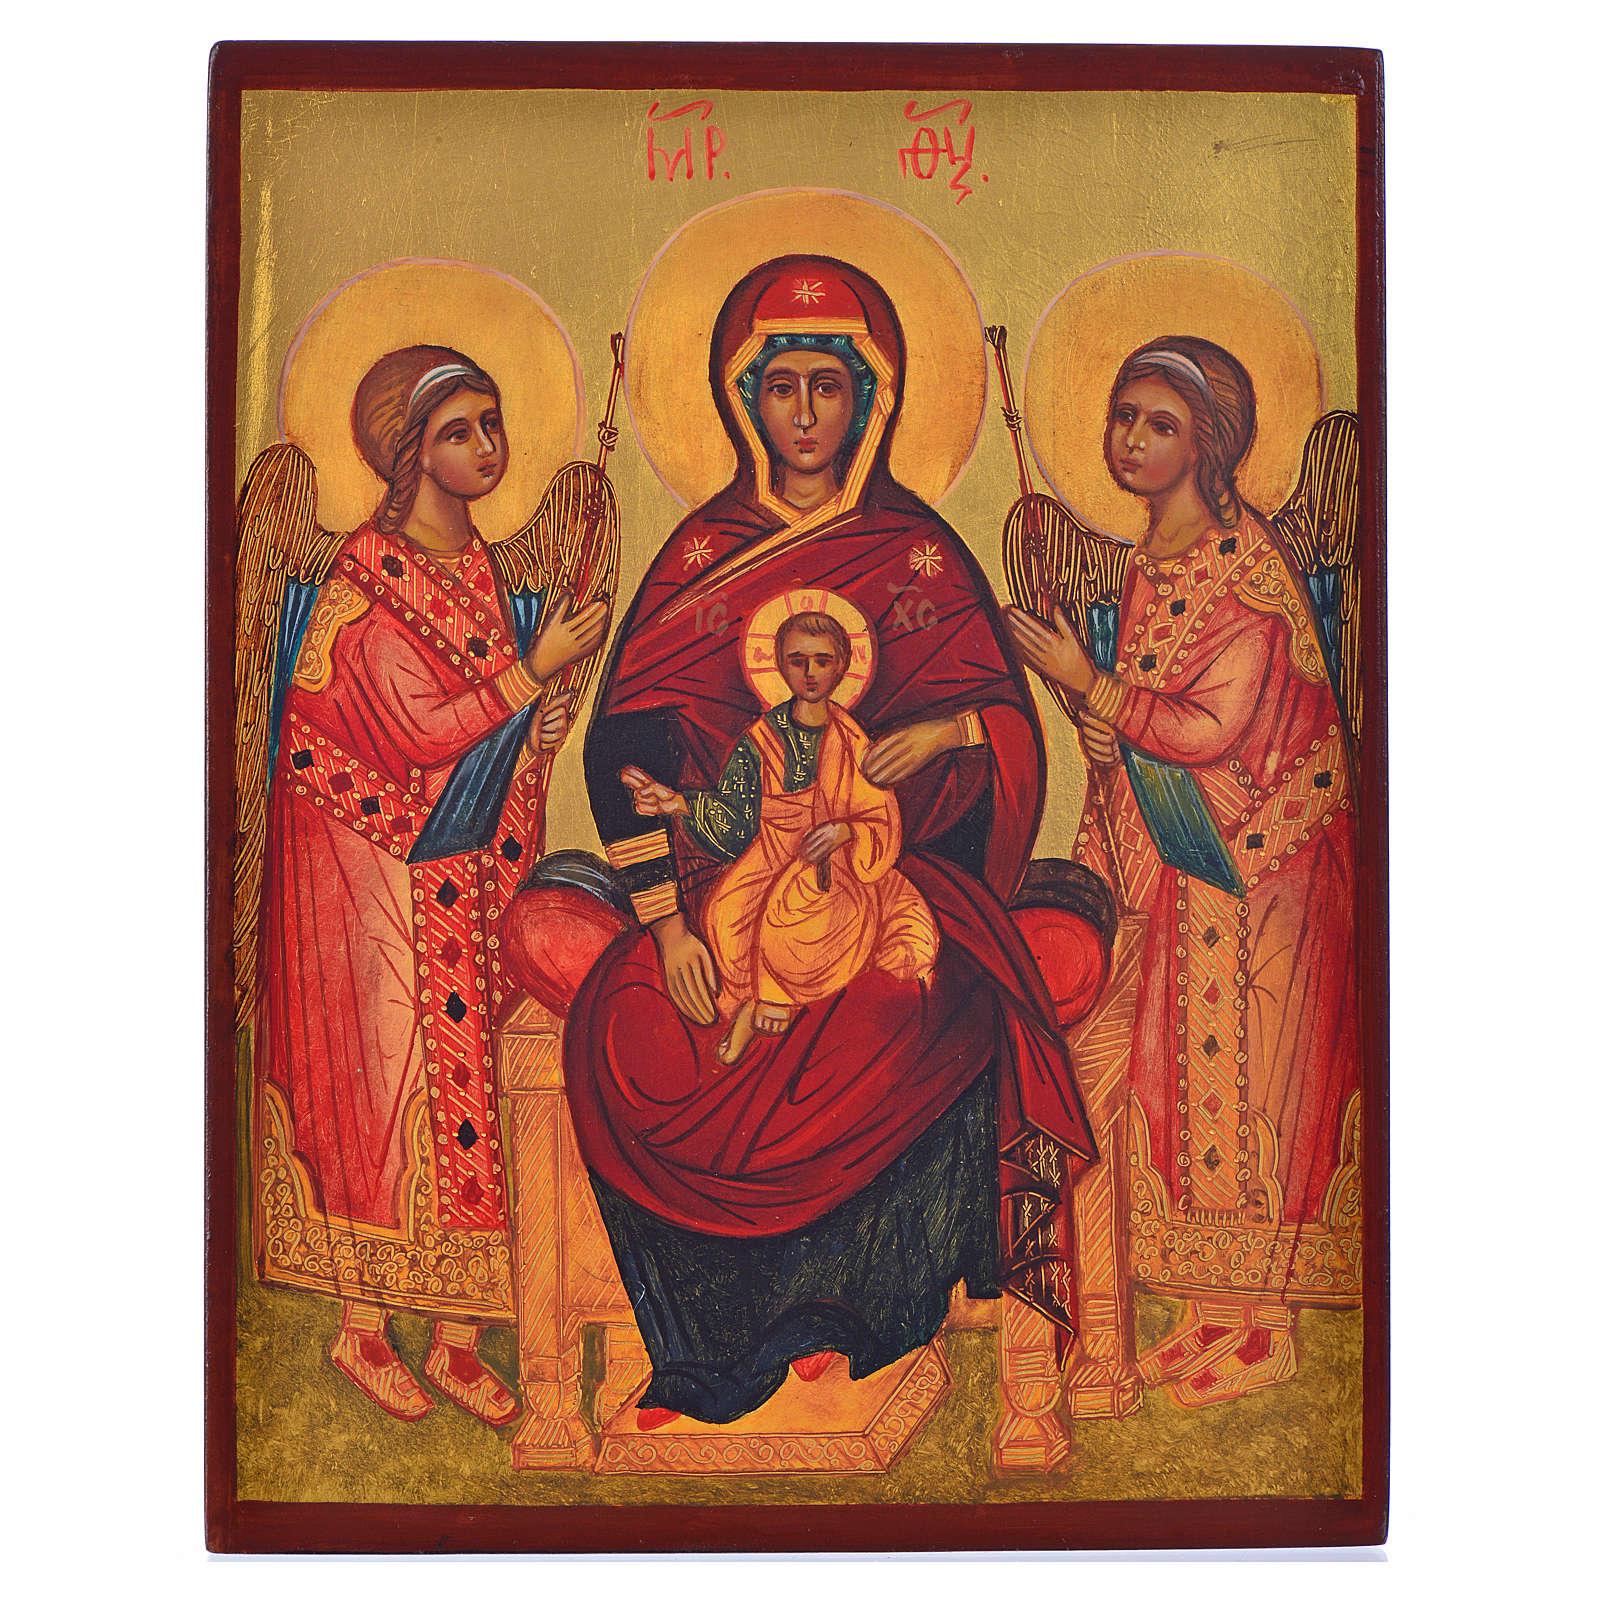 Icône russe peinte Vierge en Majesté et anges 14x11 cm 4